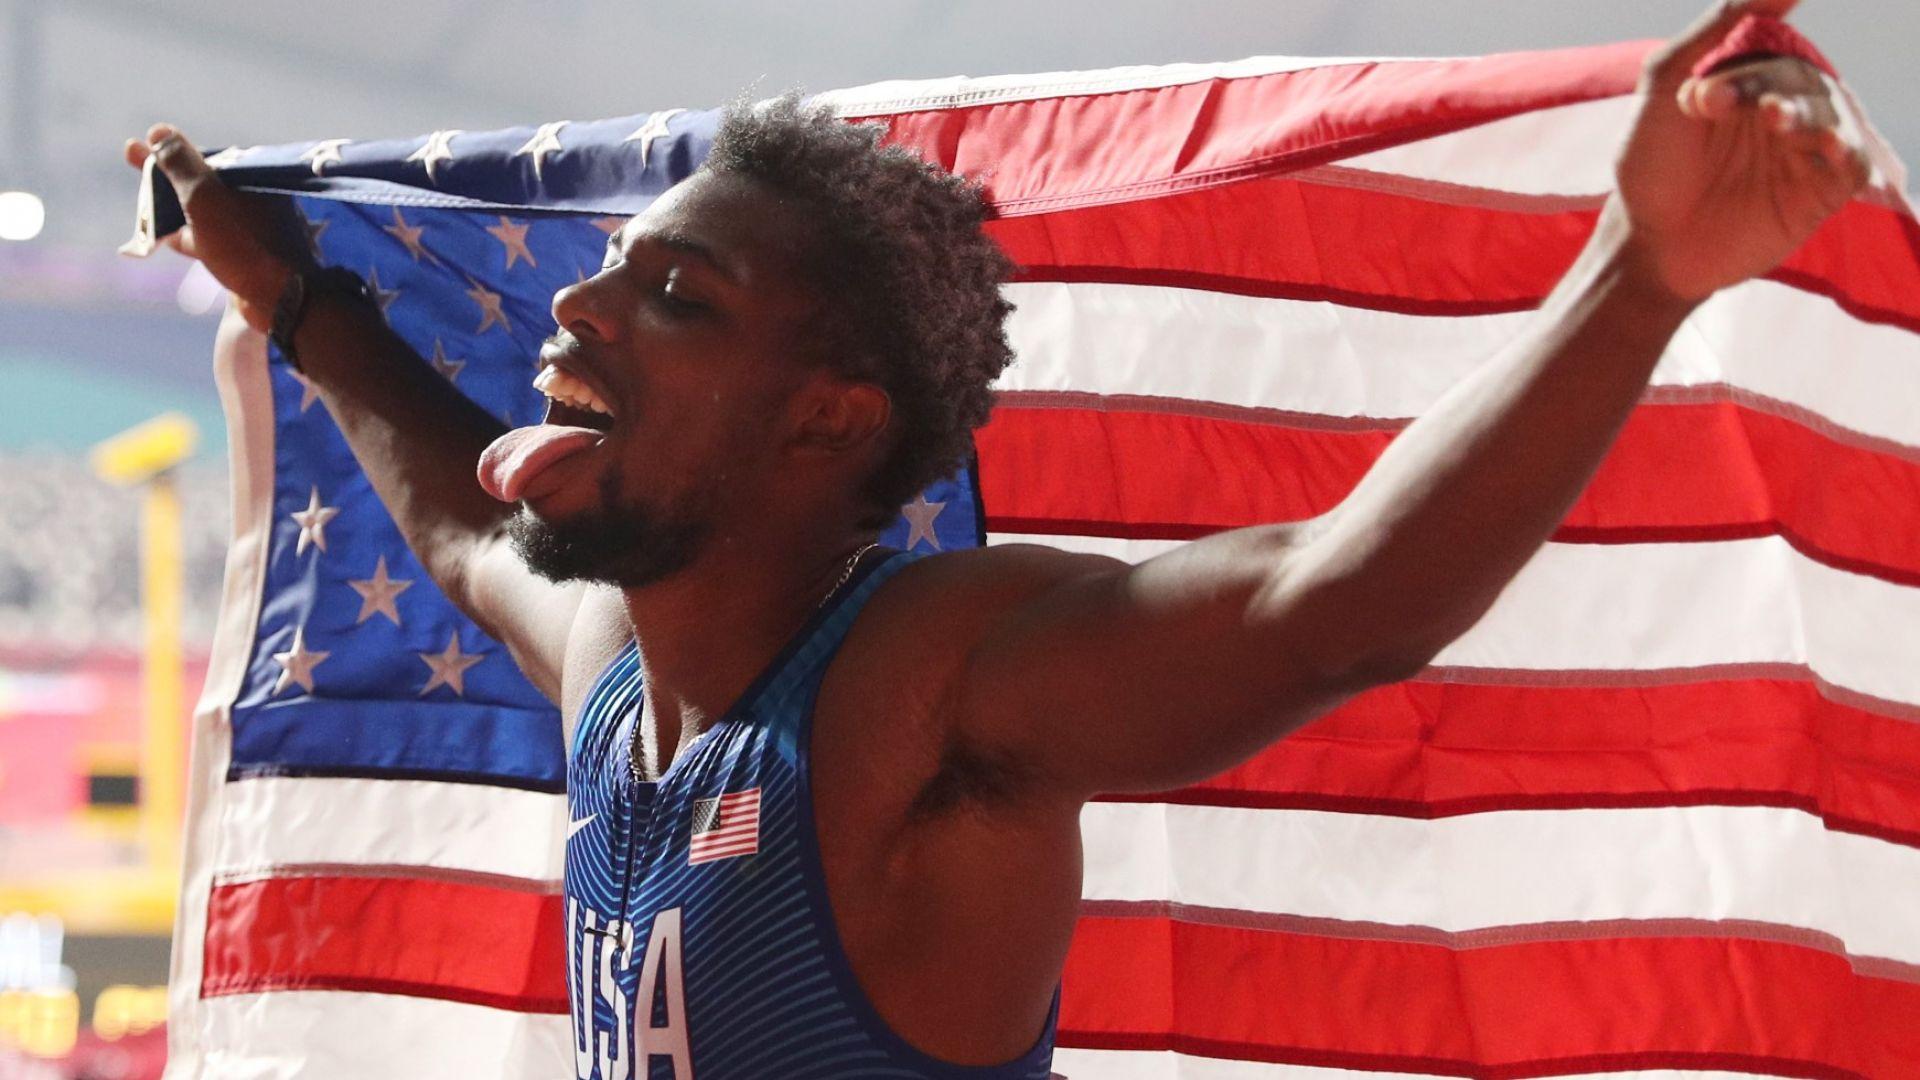 Новата американска сензация говори като Болт, тича като Болт и иска рекордите му